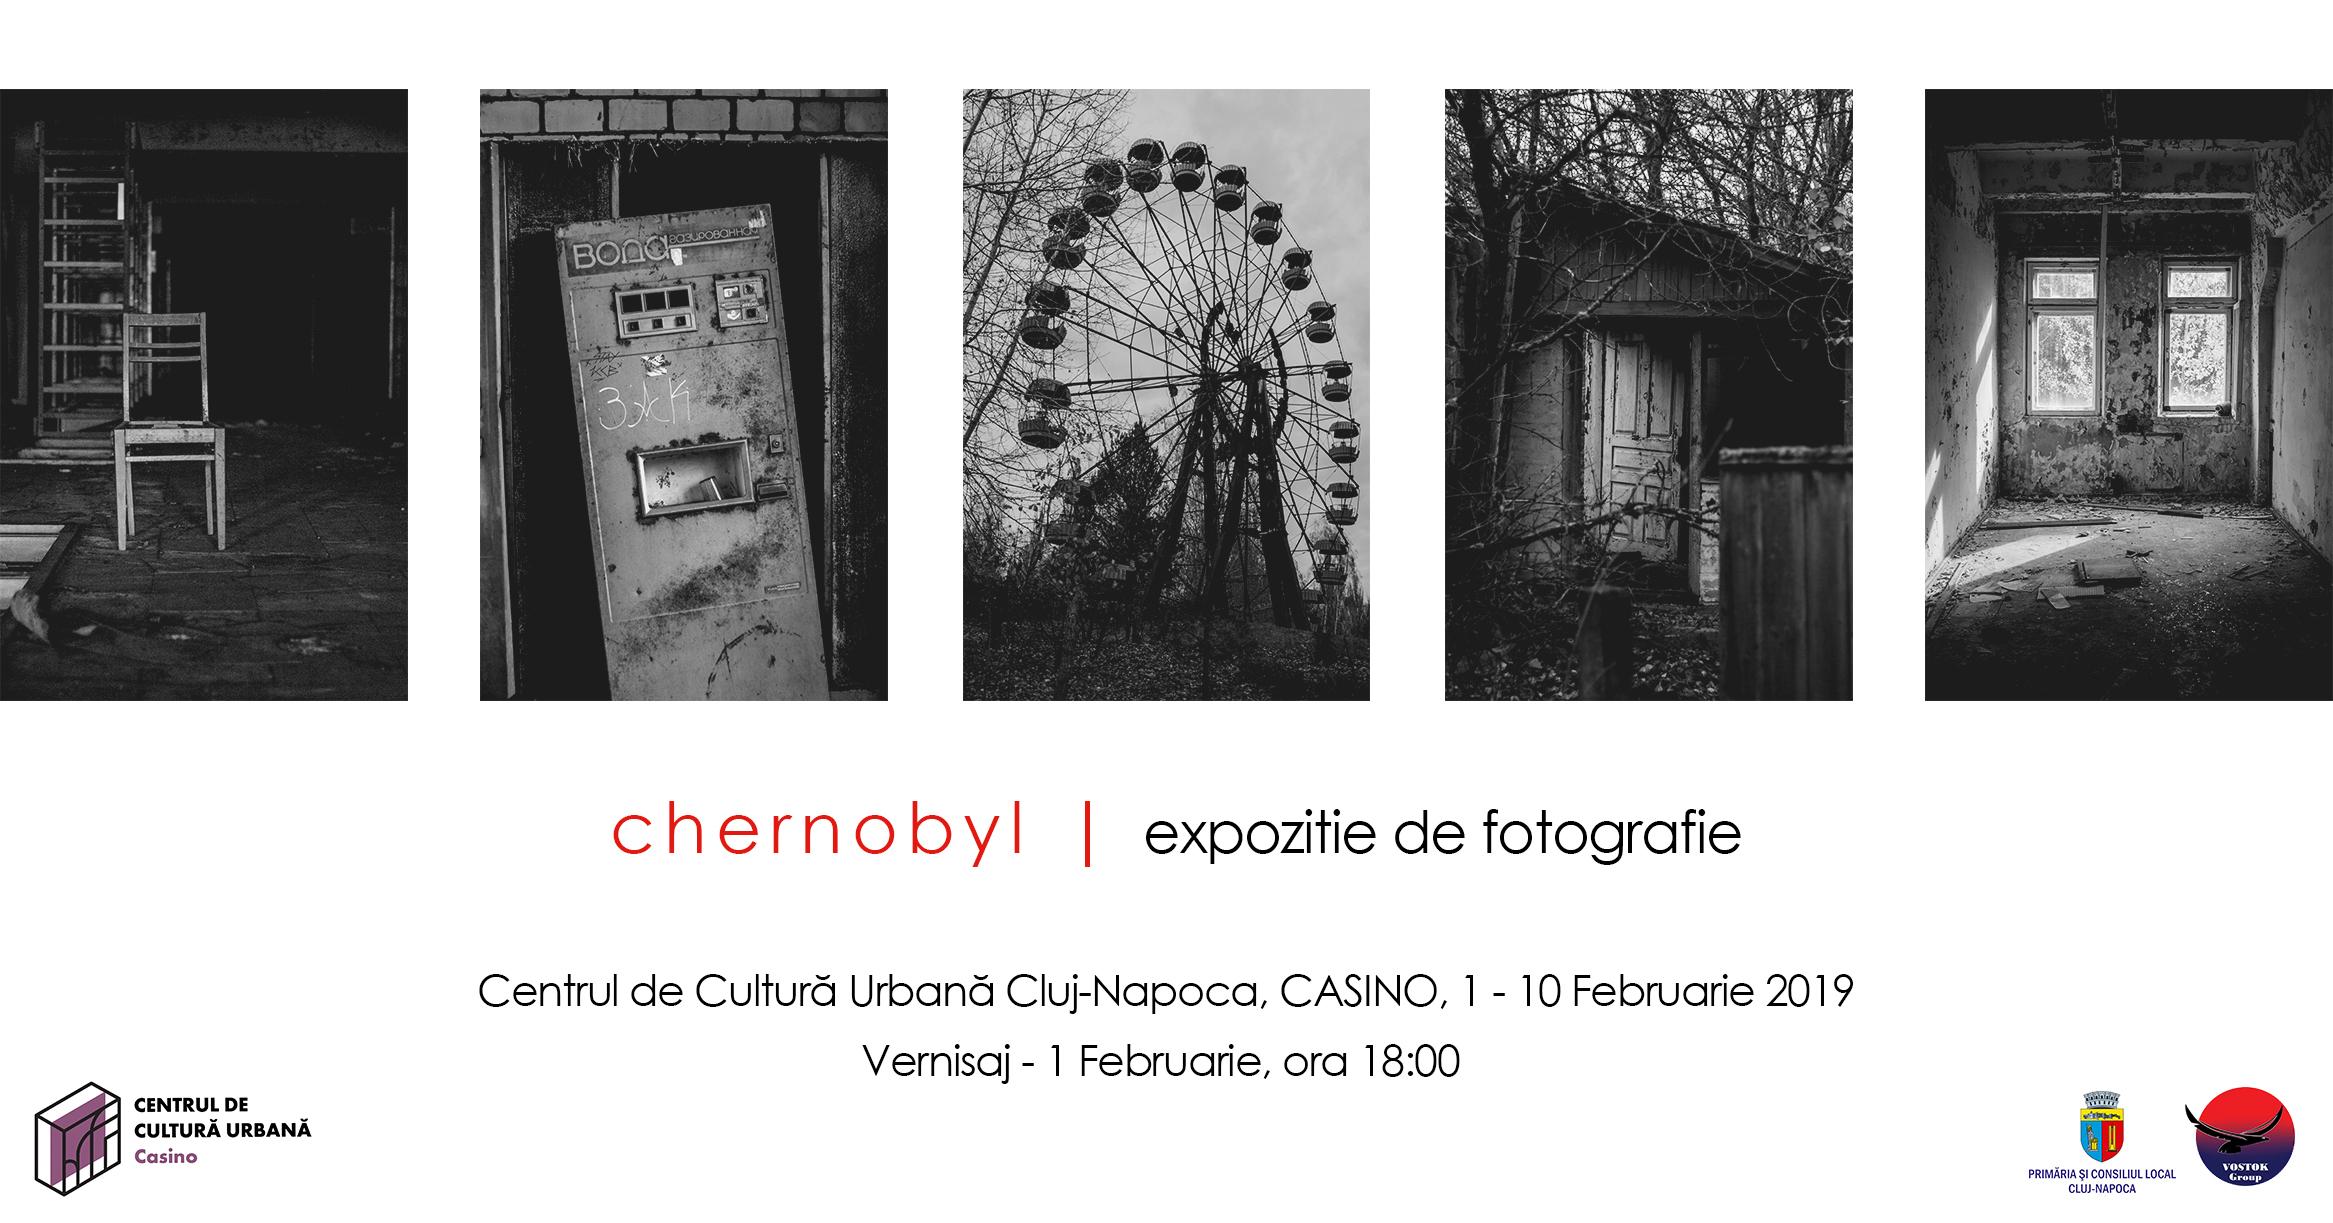 """Expoziția de fotografie """"Cernobyl"""", timp de zece zile, la Centrul de Cultură Urbană Casino"""